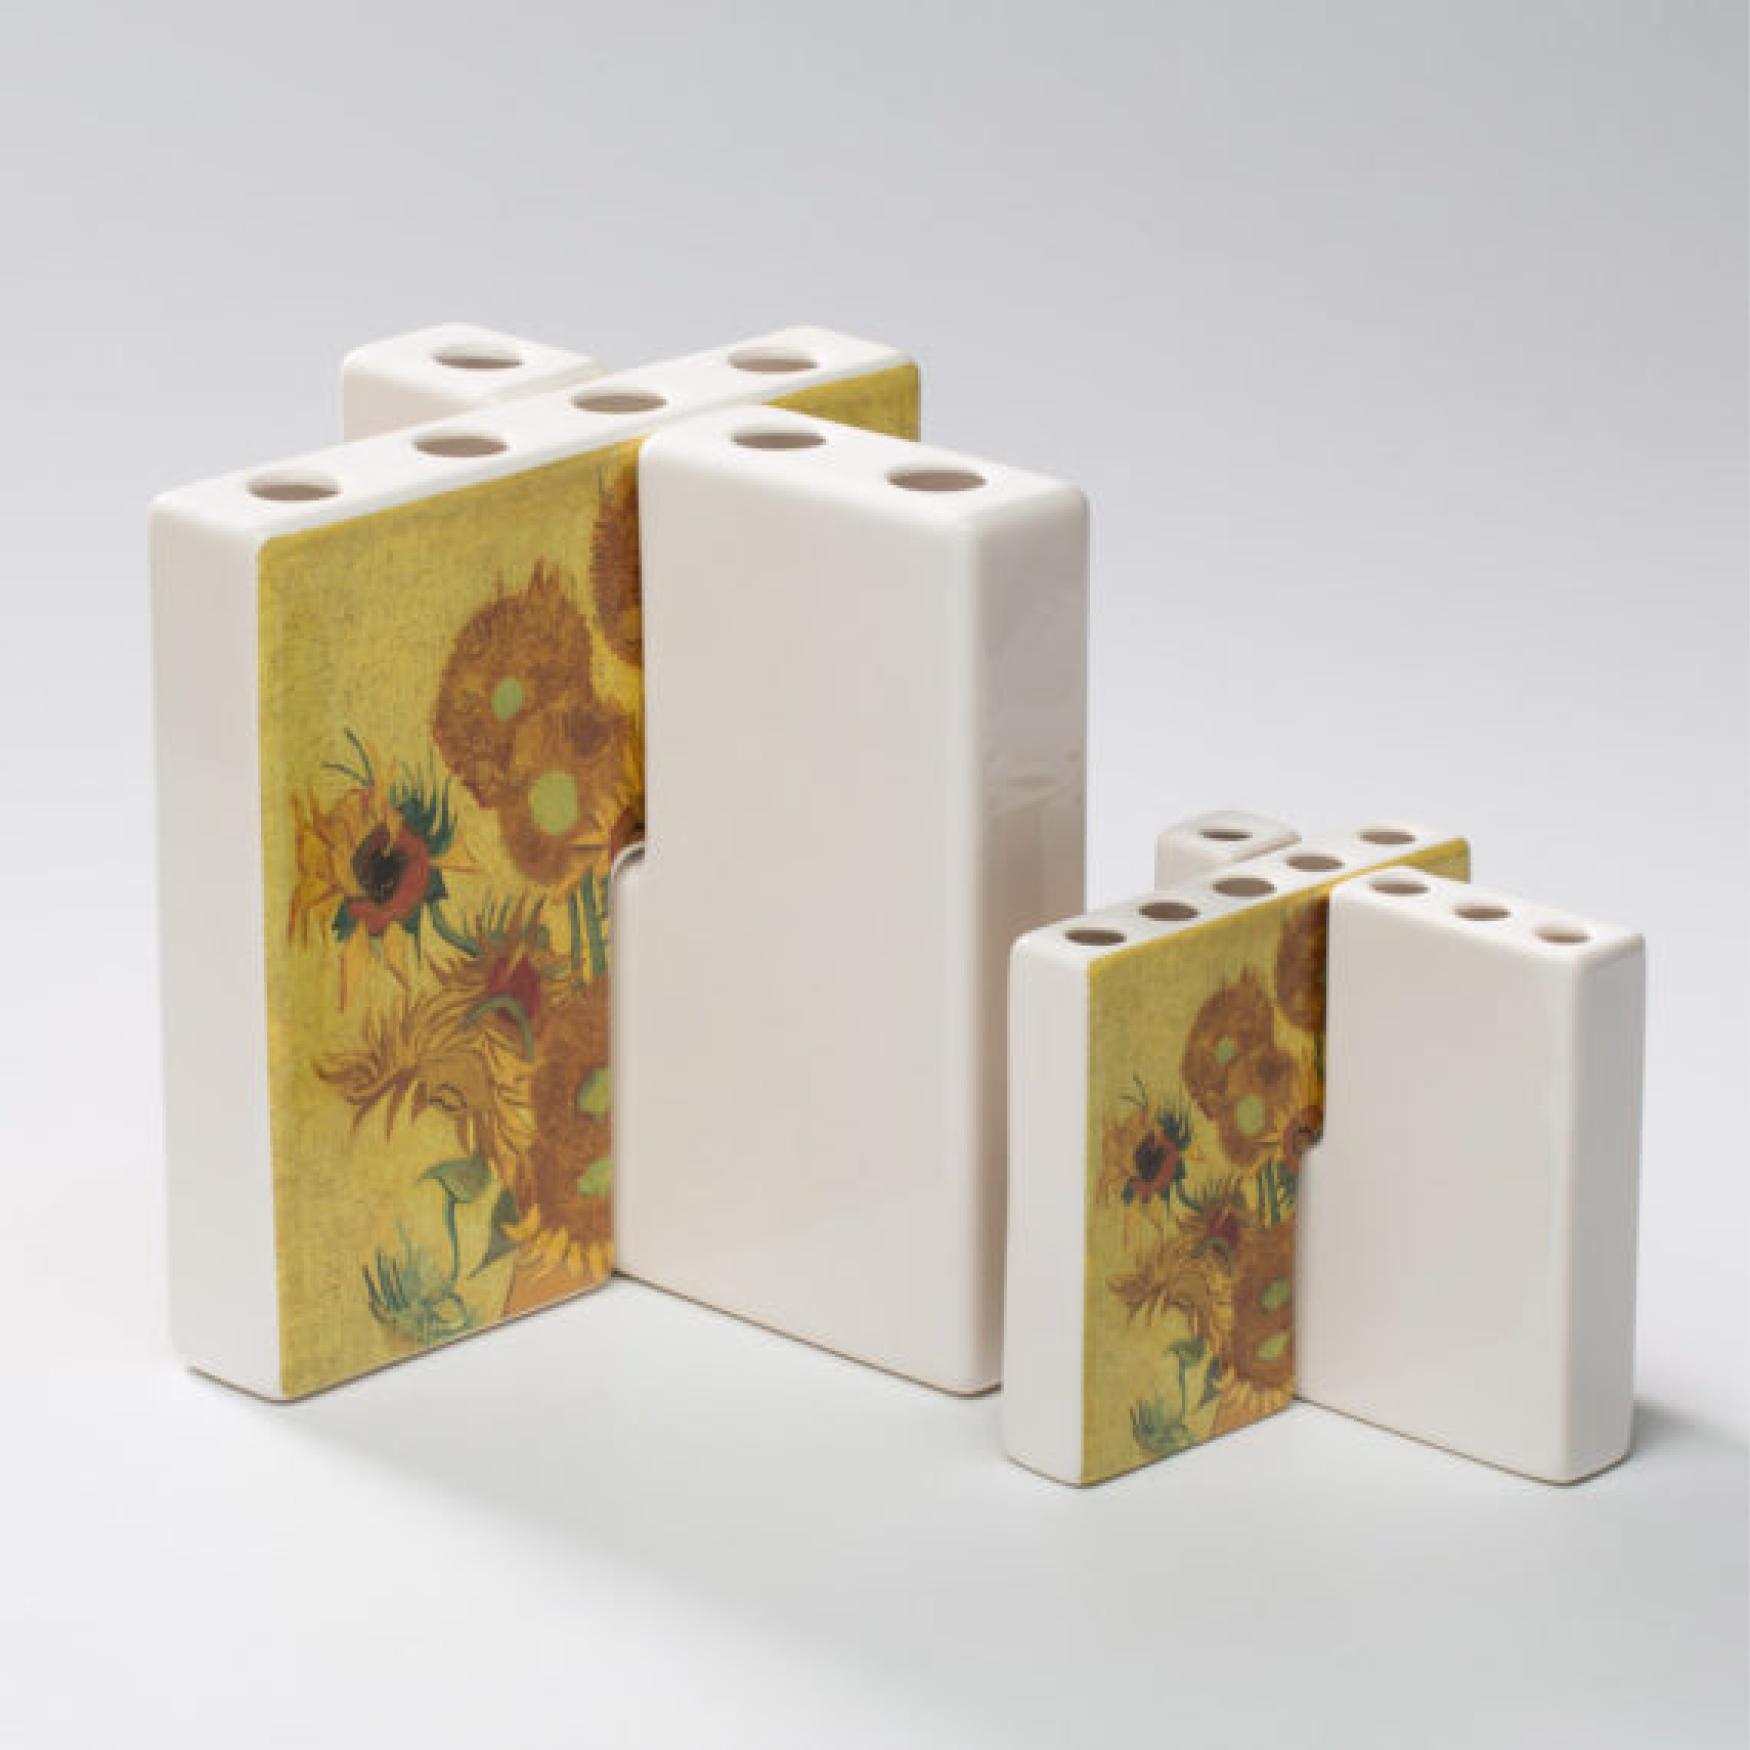 Dianthus-Flowers-Gallery-Vases-1902-2.jpg